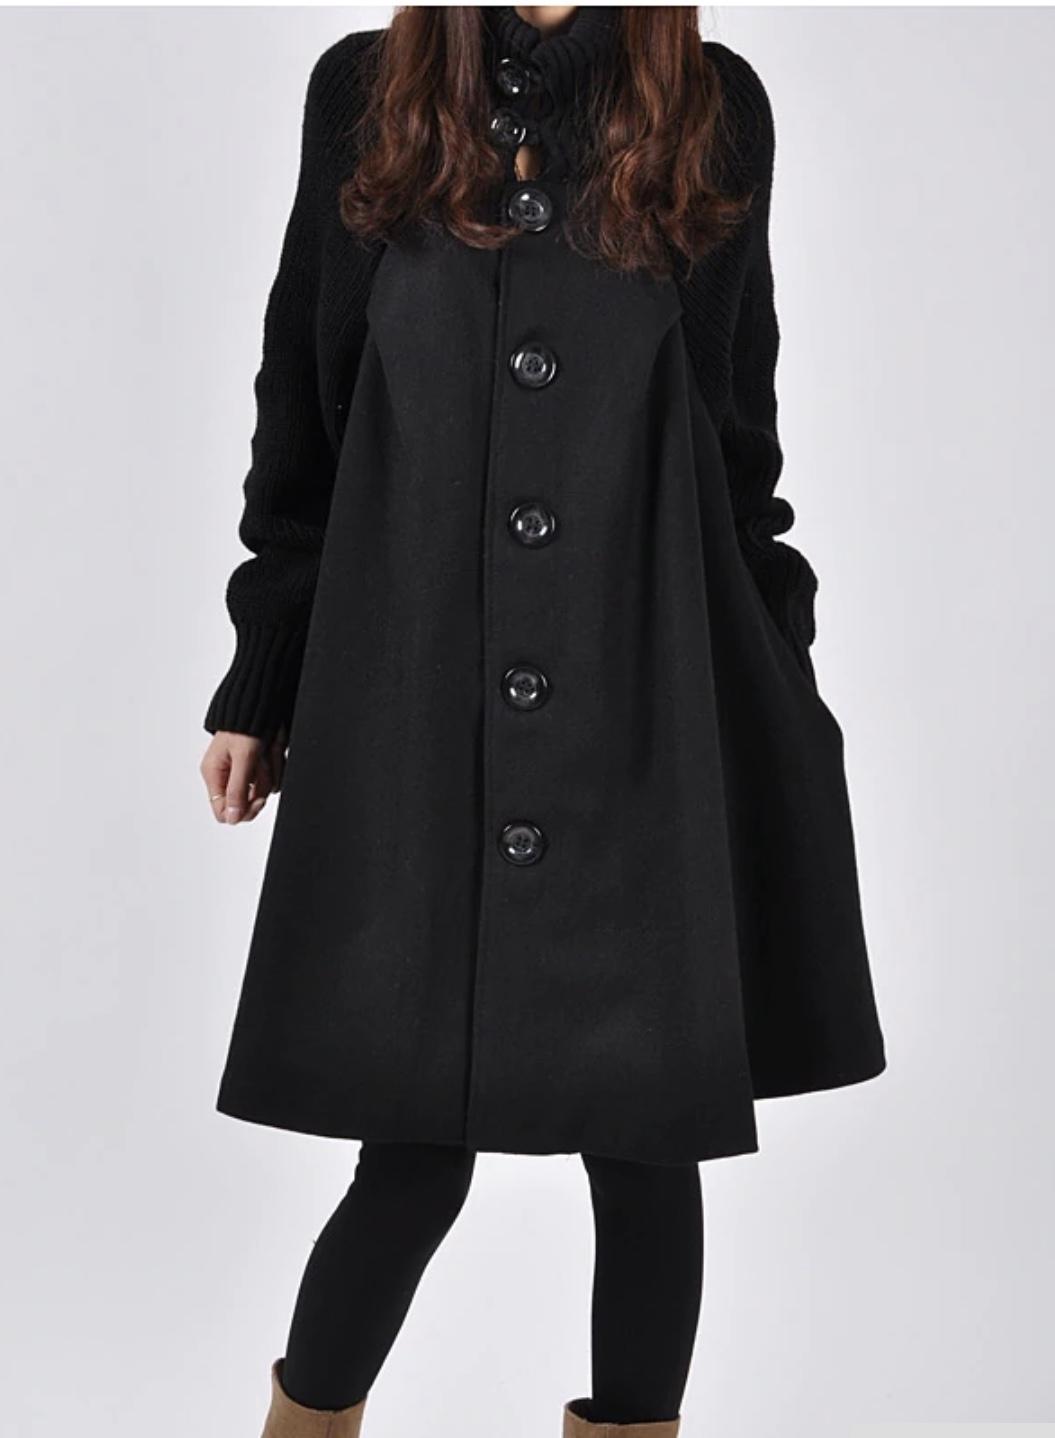 Manteau court évasé boho boheme chic coat0114